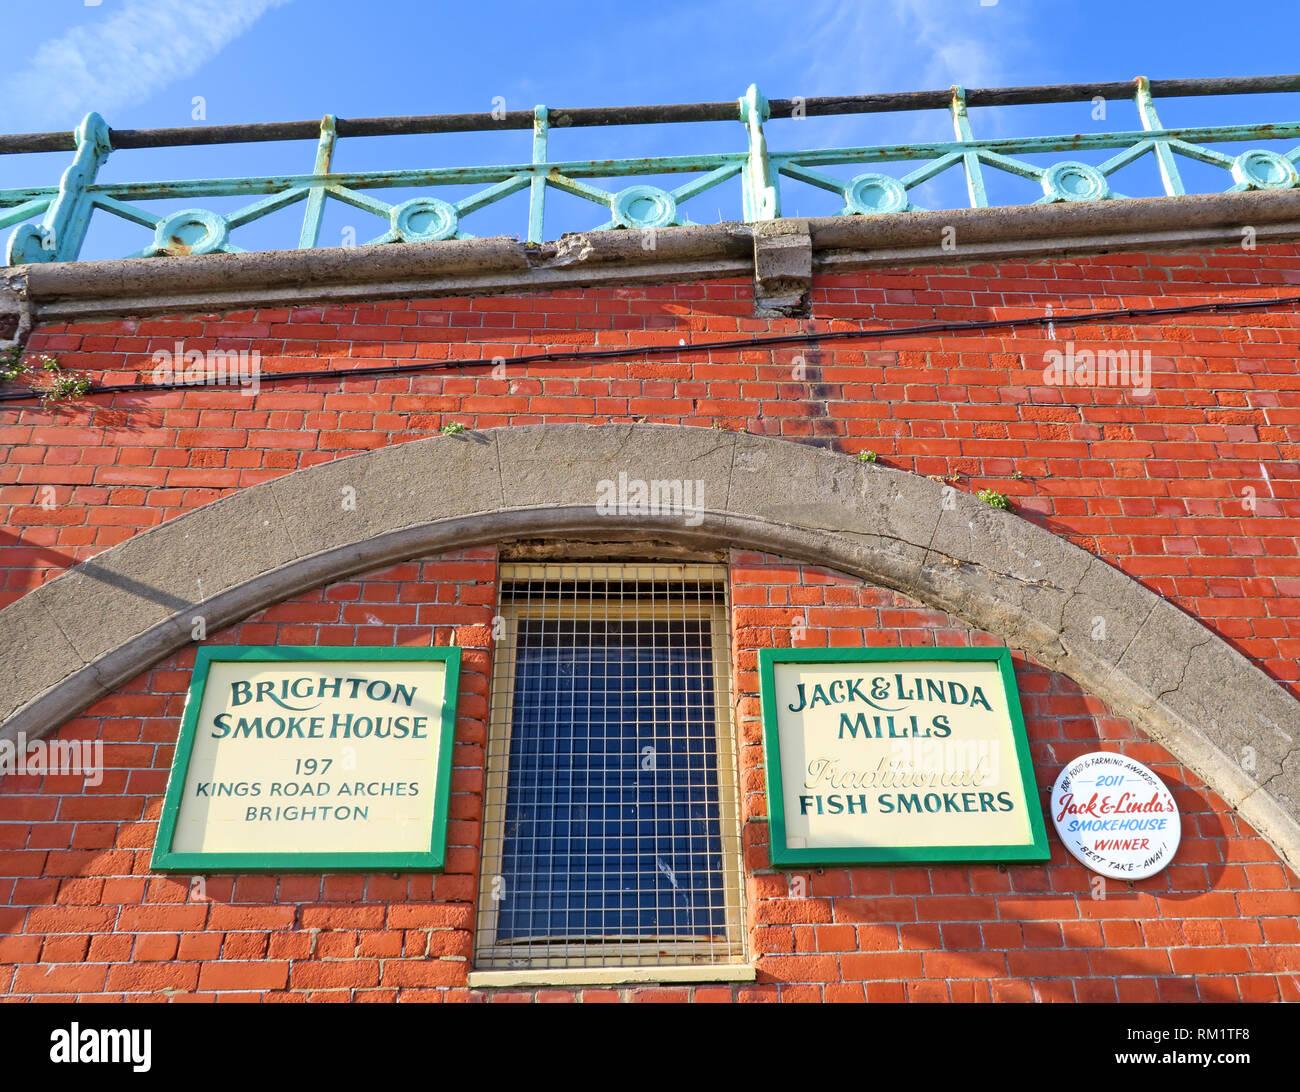 GoTonySmith,HotpixUK,@HotpixUK,England,UK,Brighton,East Sussex,Brighton and Hove City Council,city centre,shore,South East England,City,city,Kings Road Arches Brighton,Kings Road Arches,Brighton city,smoking,traditional,english,English Seaside,British seaside